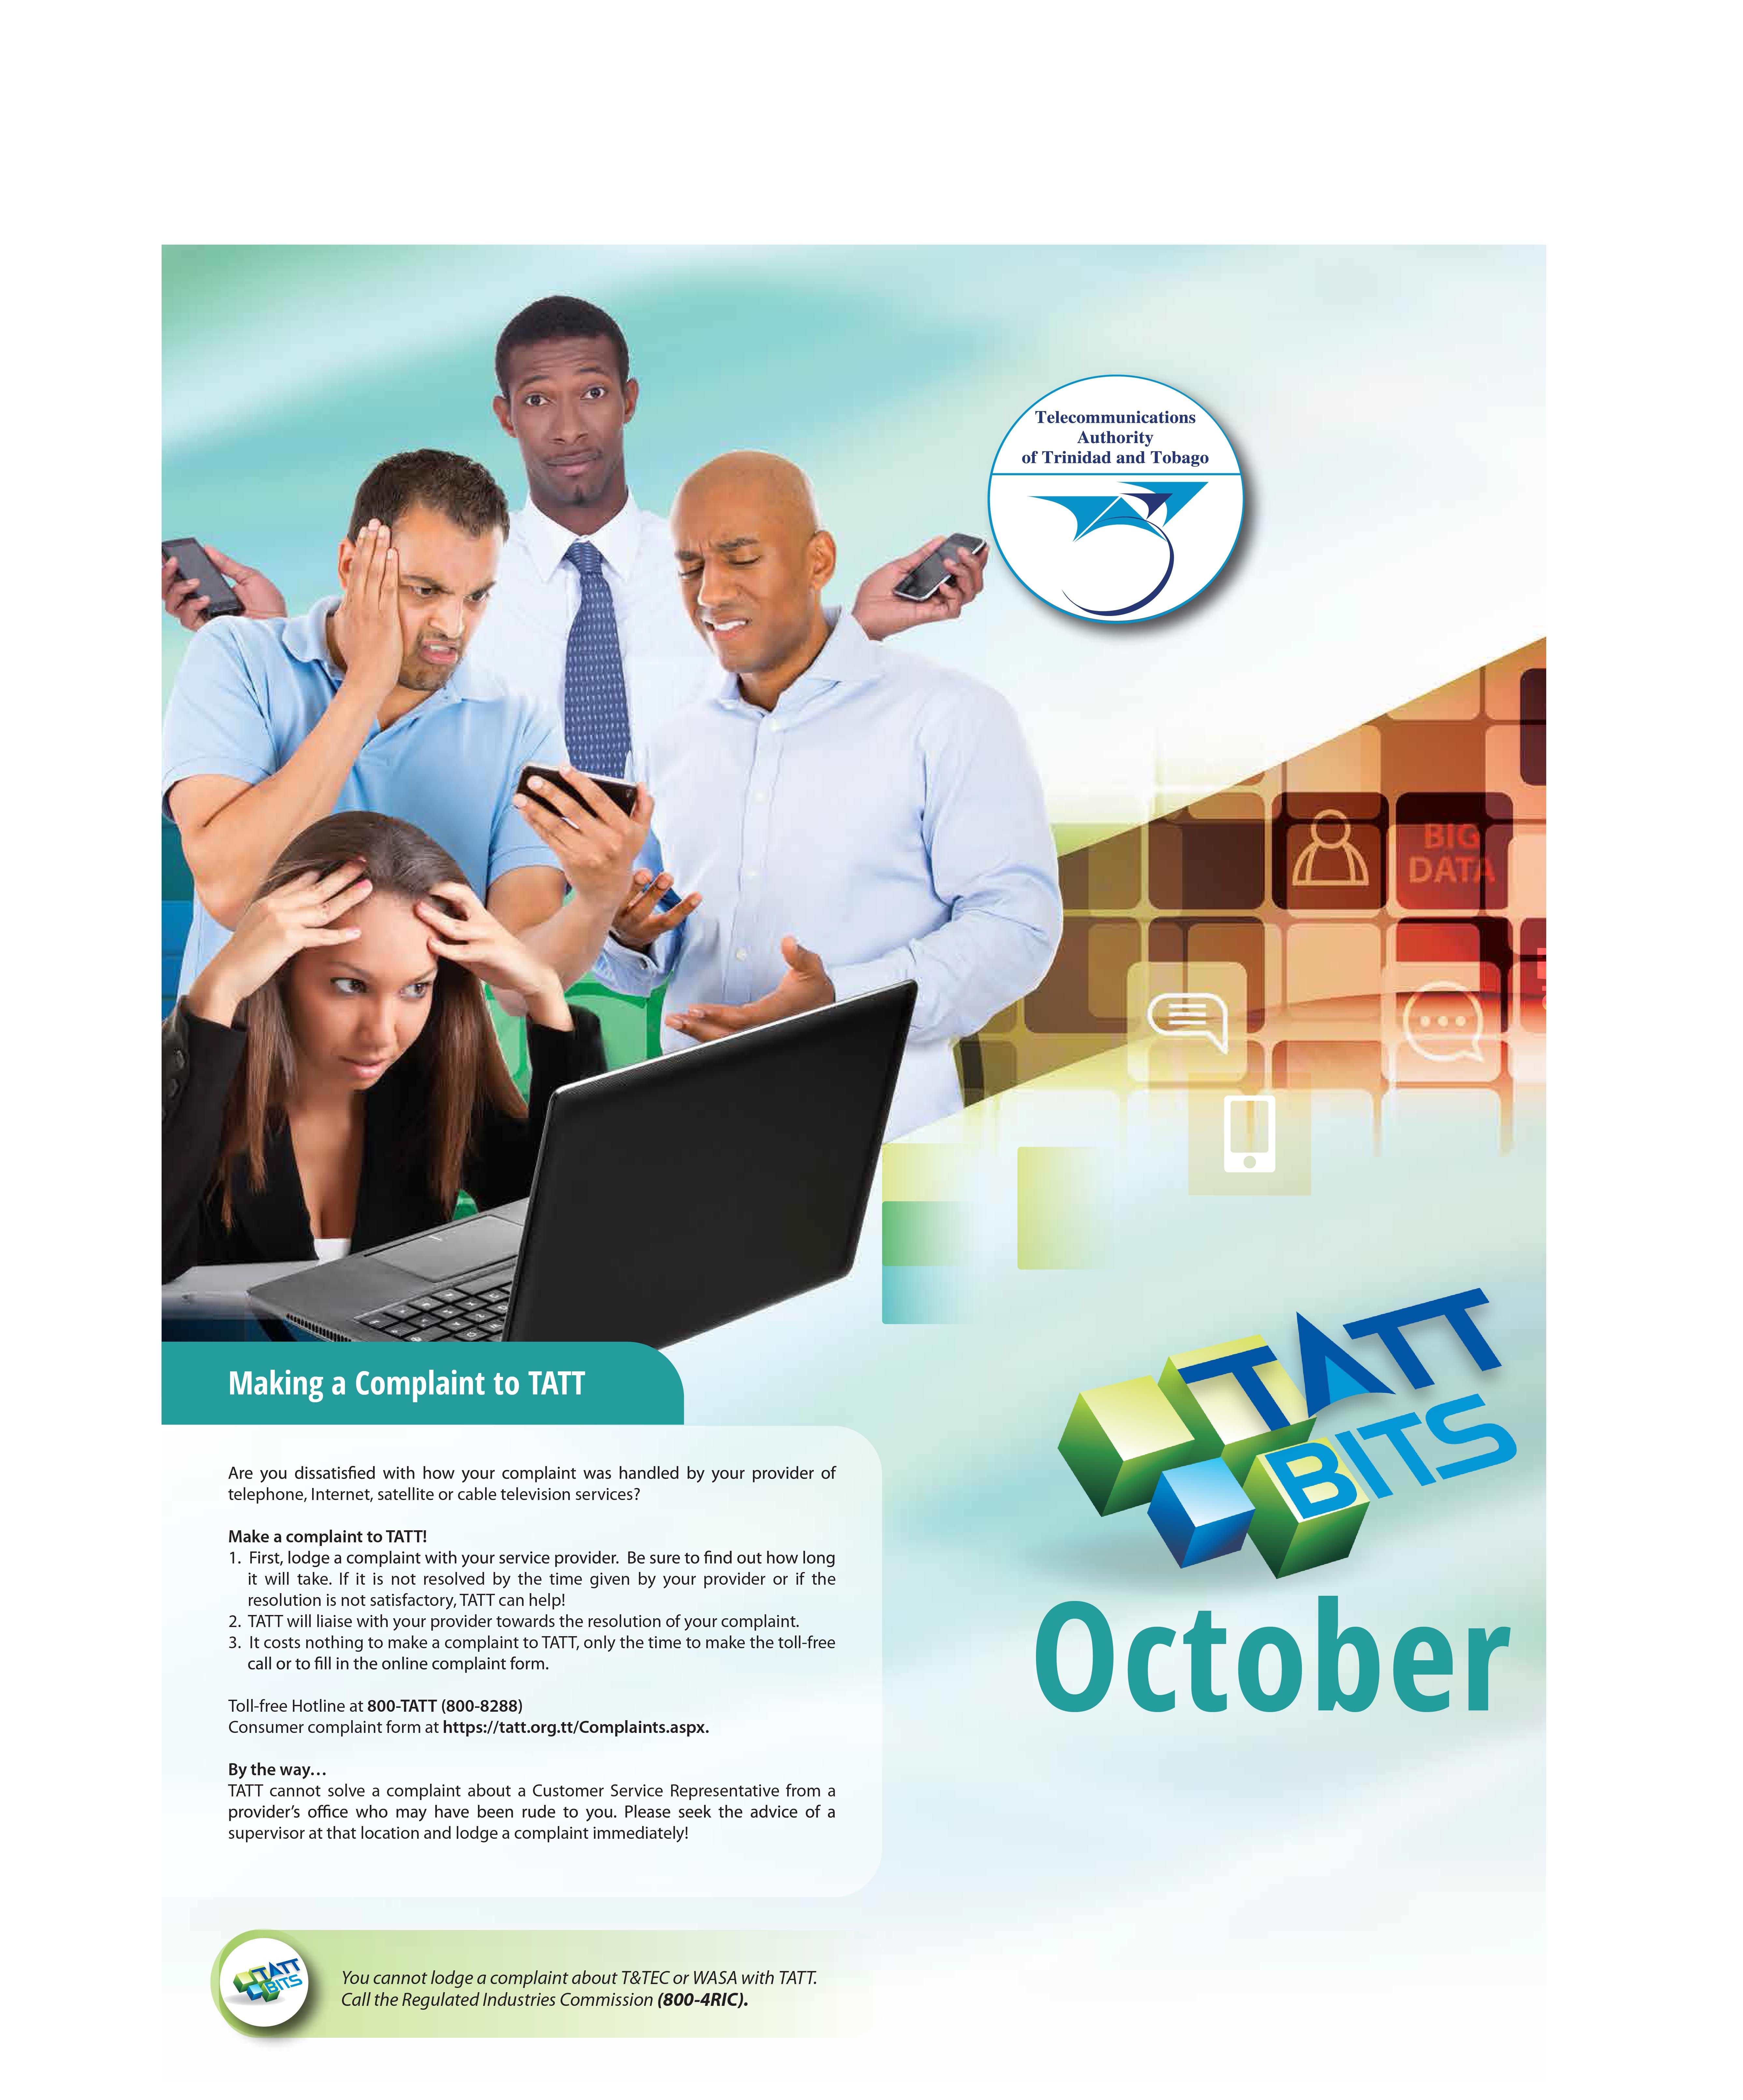 https://tatt.org.tt/Portals/0/TATT%20Bits/Oct%202016%20%20-TATT%20Bit%202016.jpg